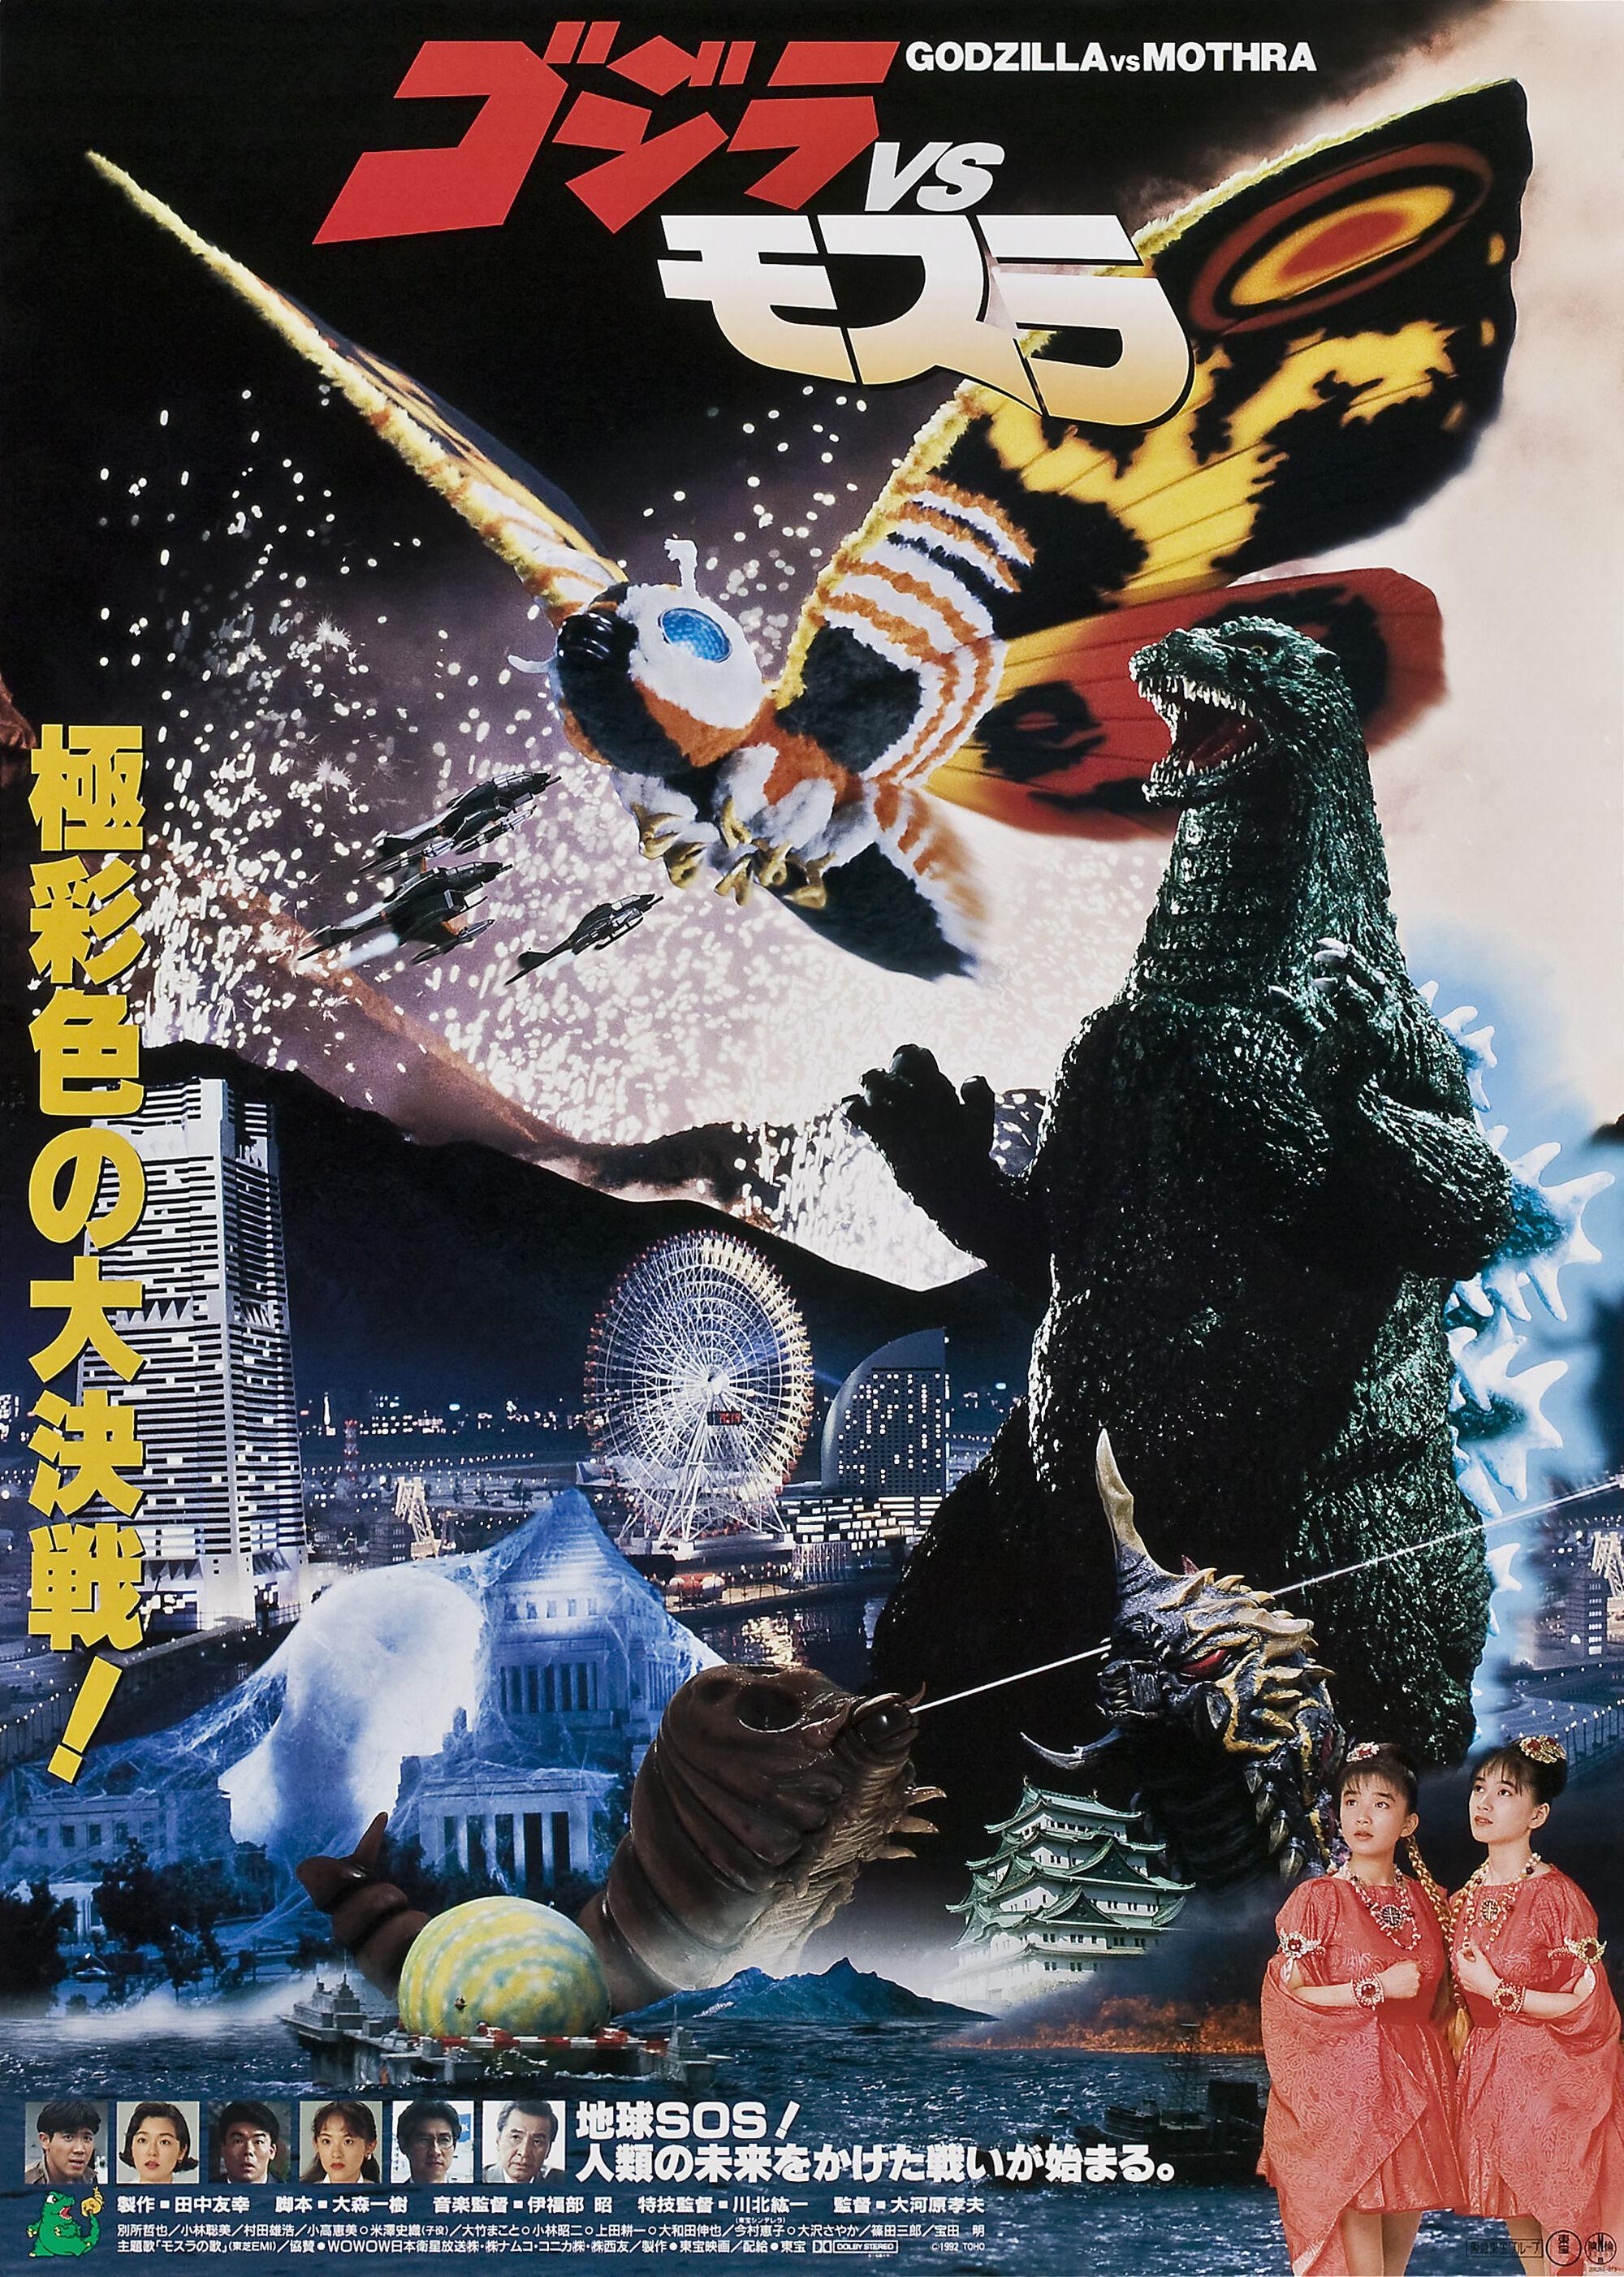 Godzilla vs. Mothra | Gojipedia | FANDOM powered by Wikia